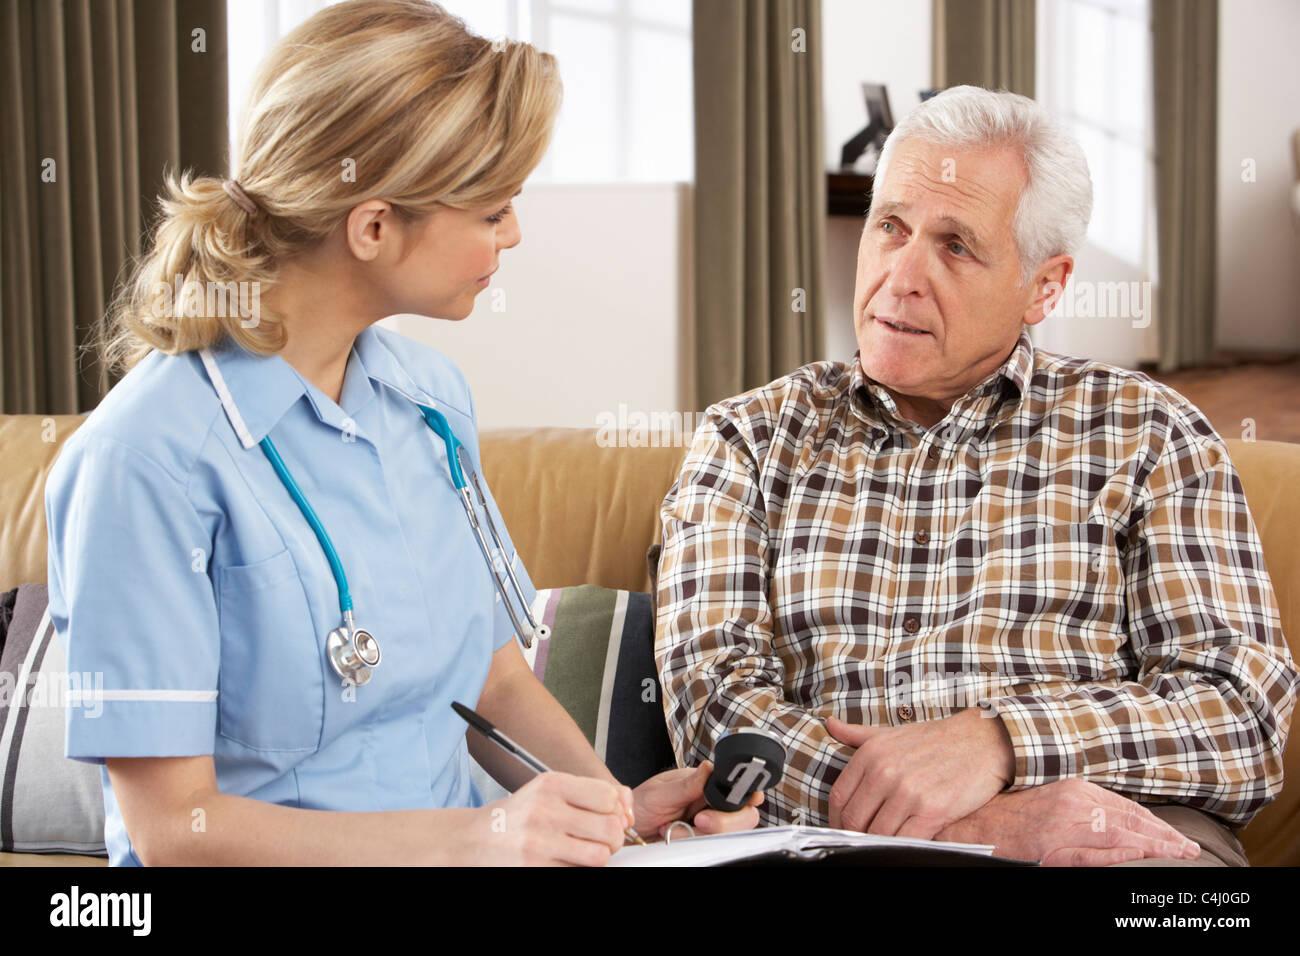 Ältere Mann im Gespräch mit Gesundheit Besucher zu Hause Stockbild